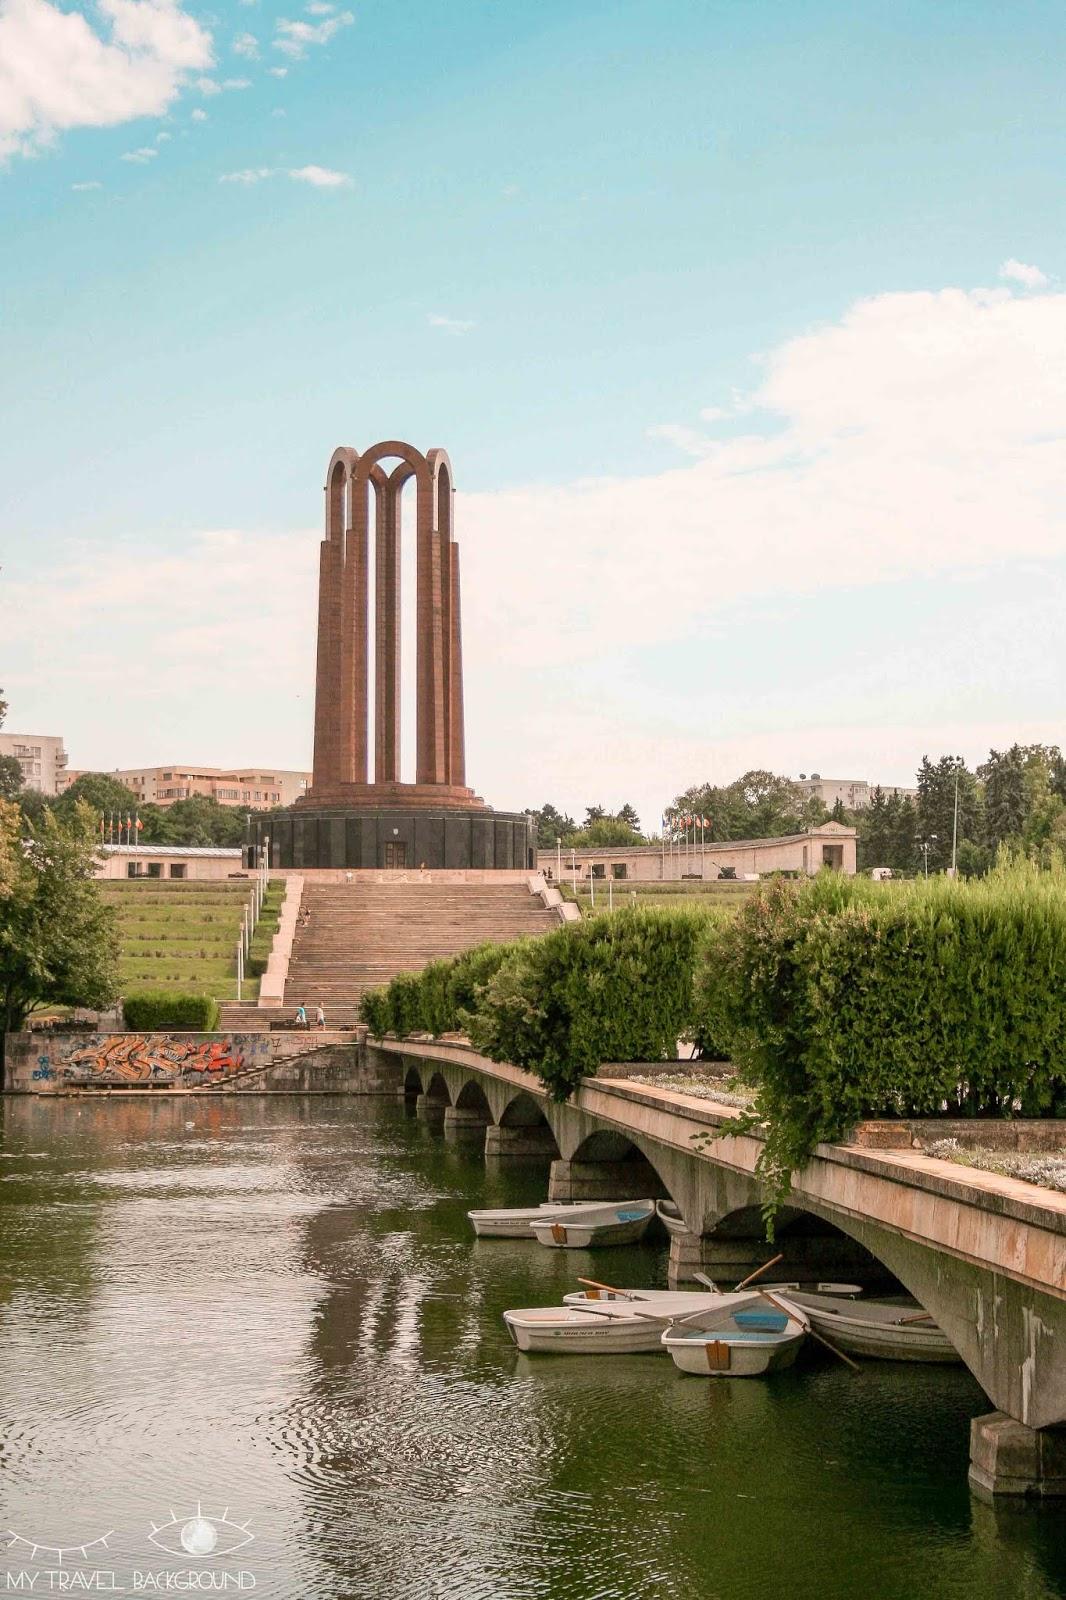 My Travel Background : 3 jours à Bucarest en Roumanie - Parc Carol I